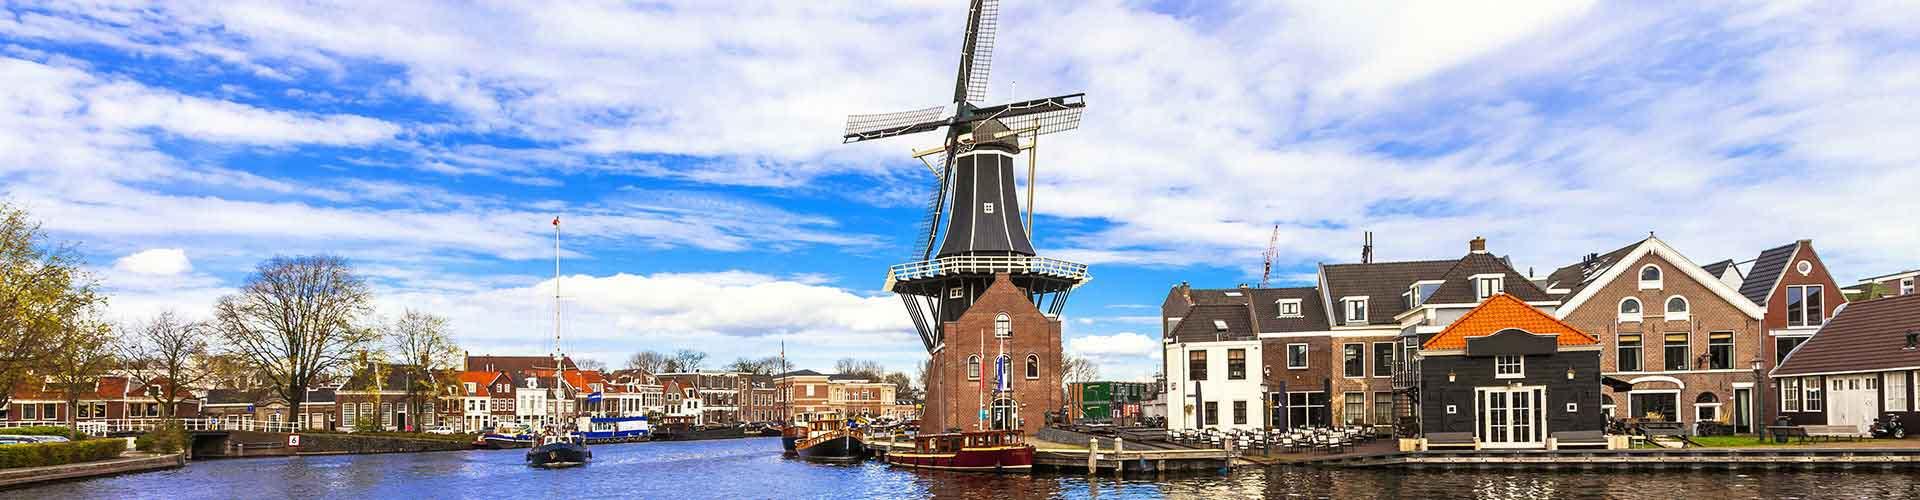 Haarlem – Huoneet kohteessa Haarlem. Haarlem -karttoja, valokuvia ja arvosteluja kaikista Haarlem -huoneista.